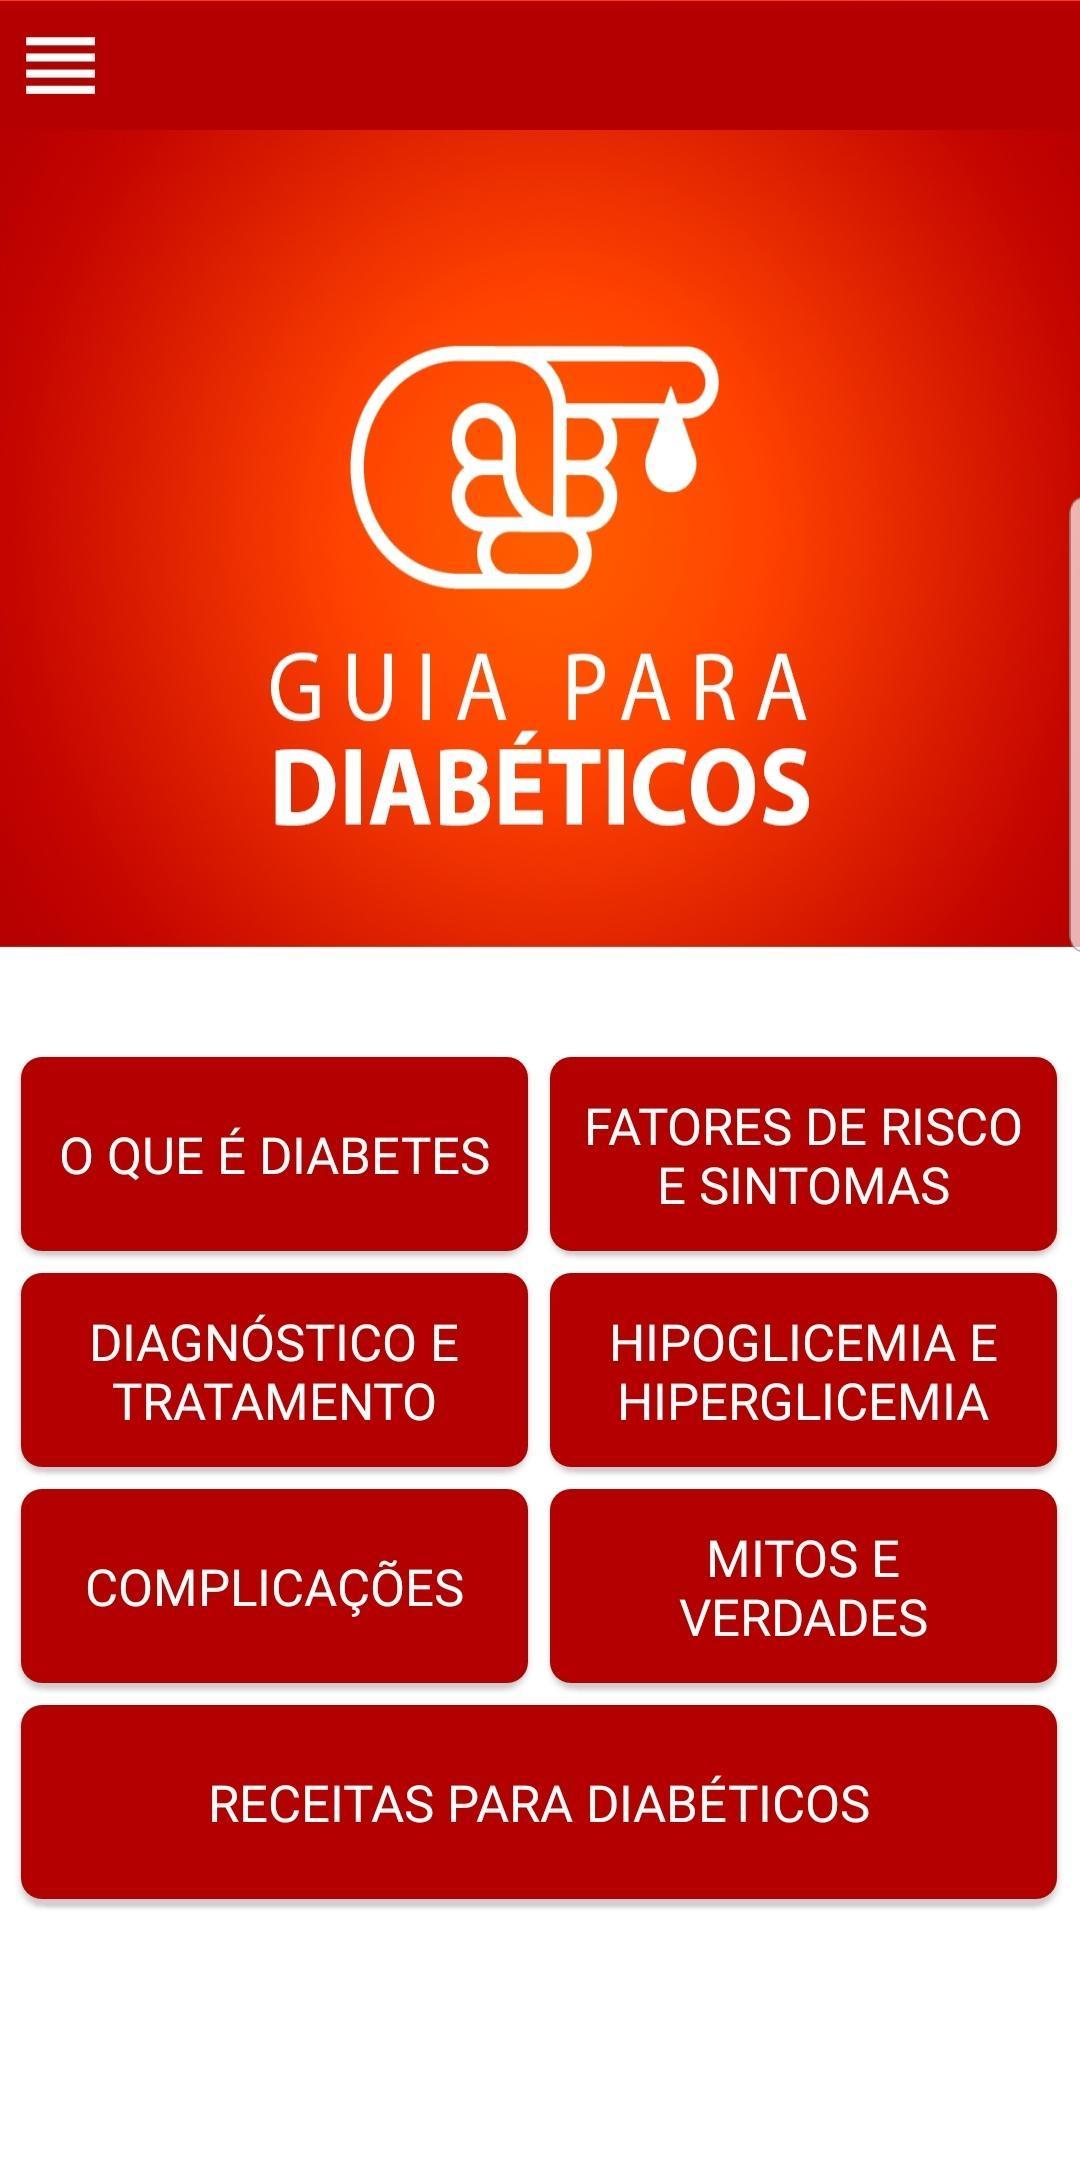 Guia para Diabéticos poster